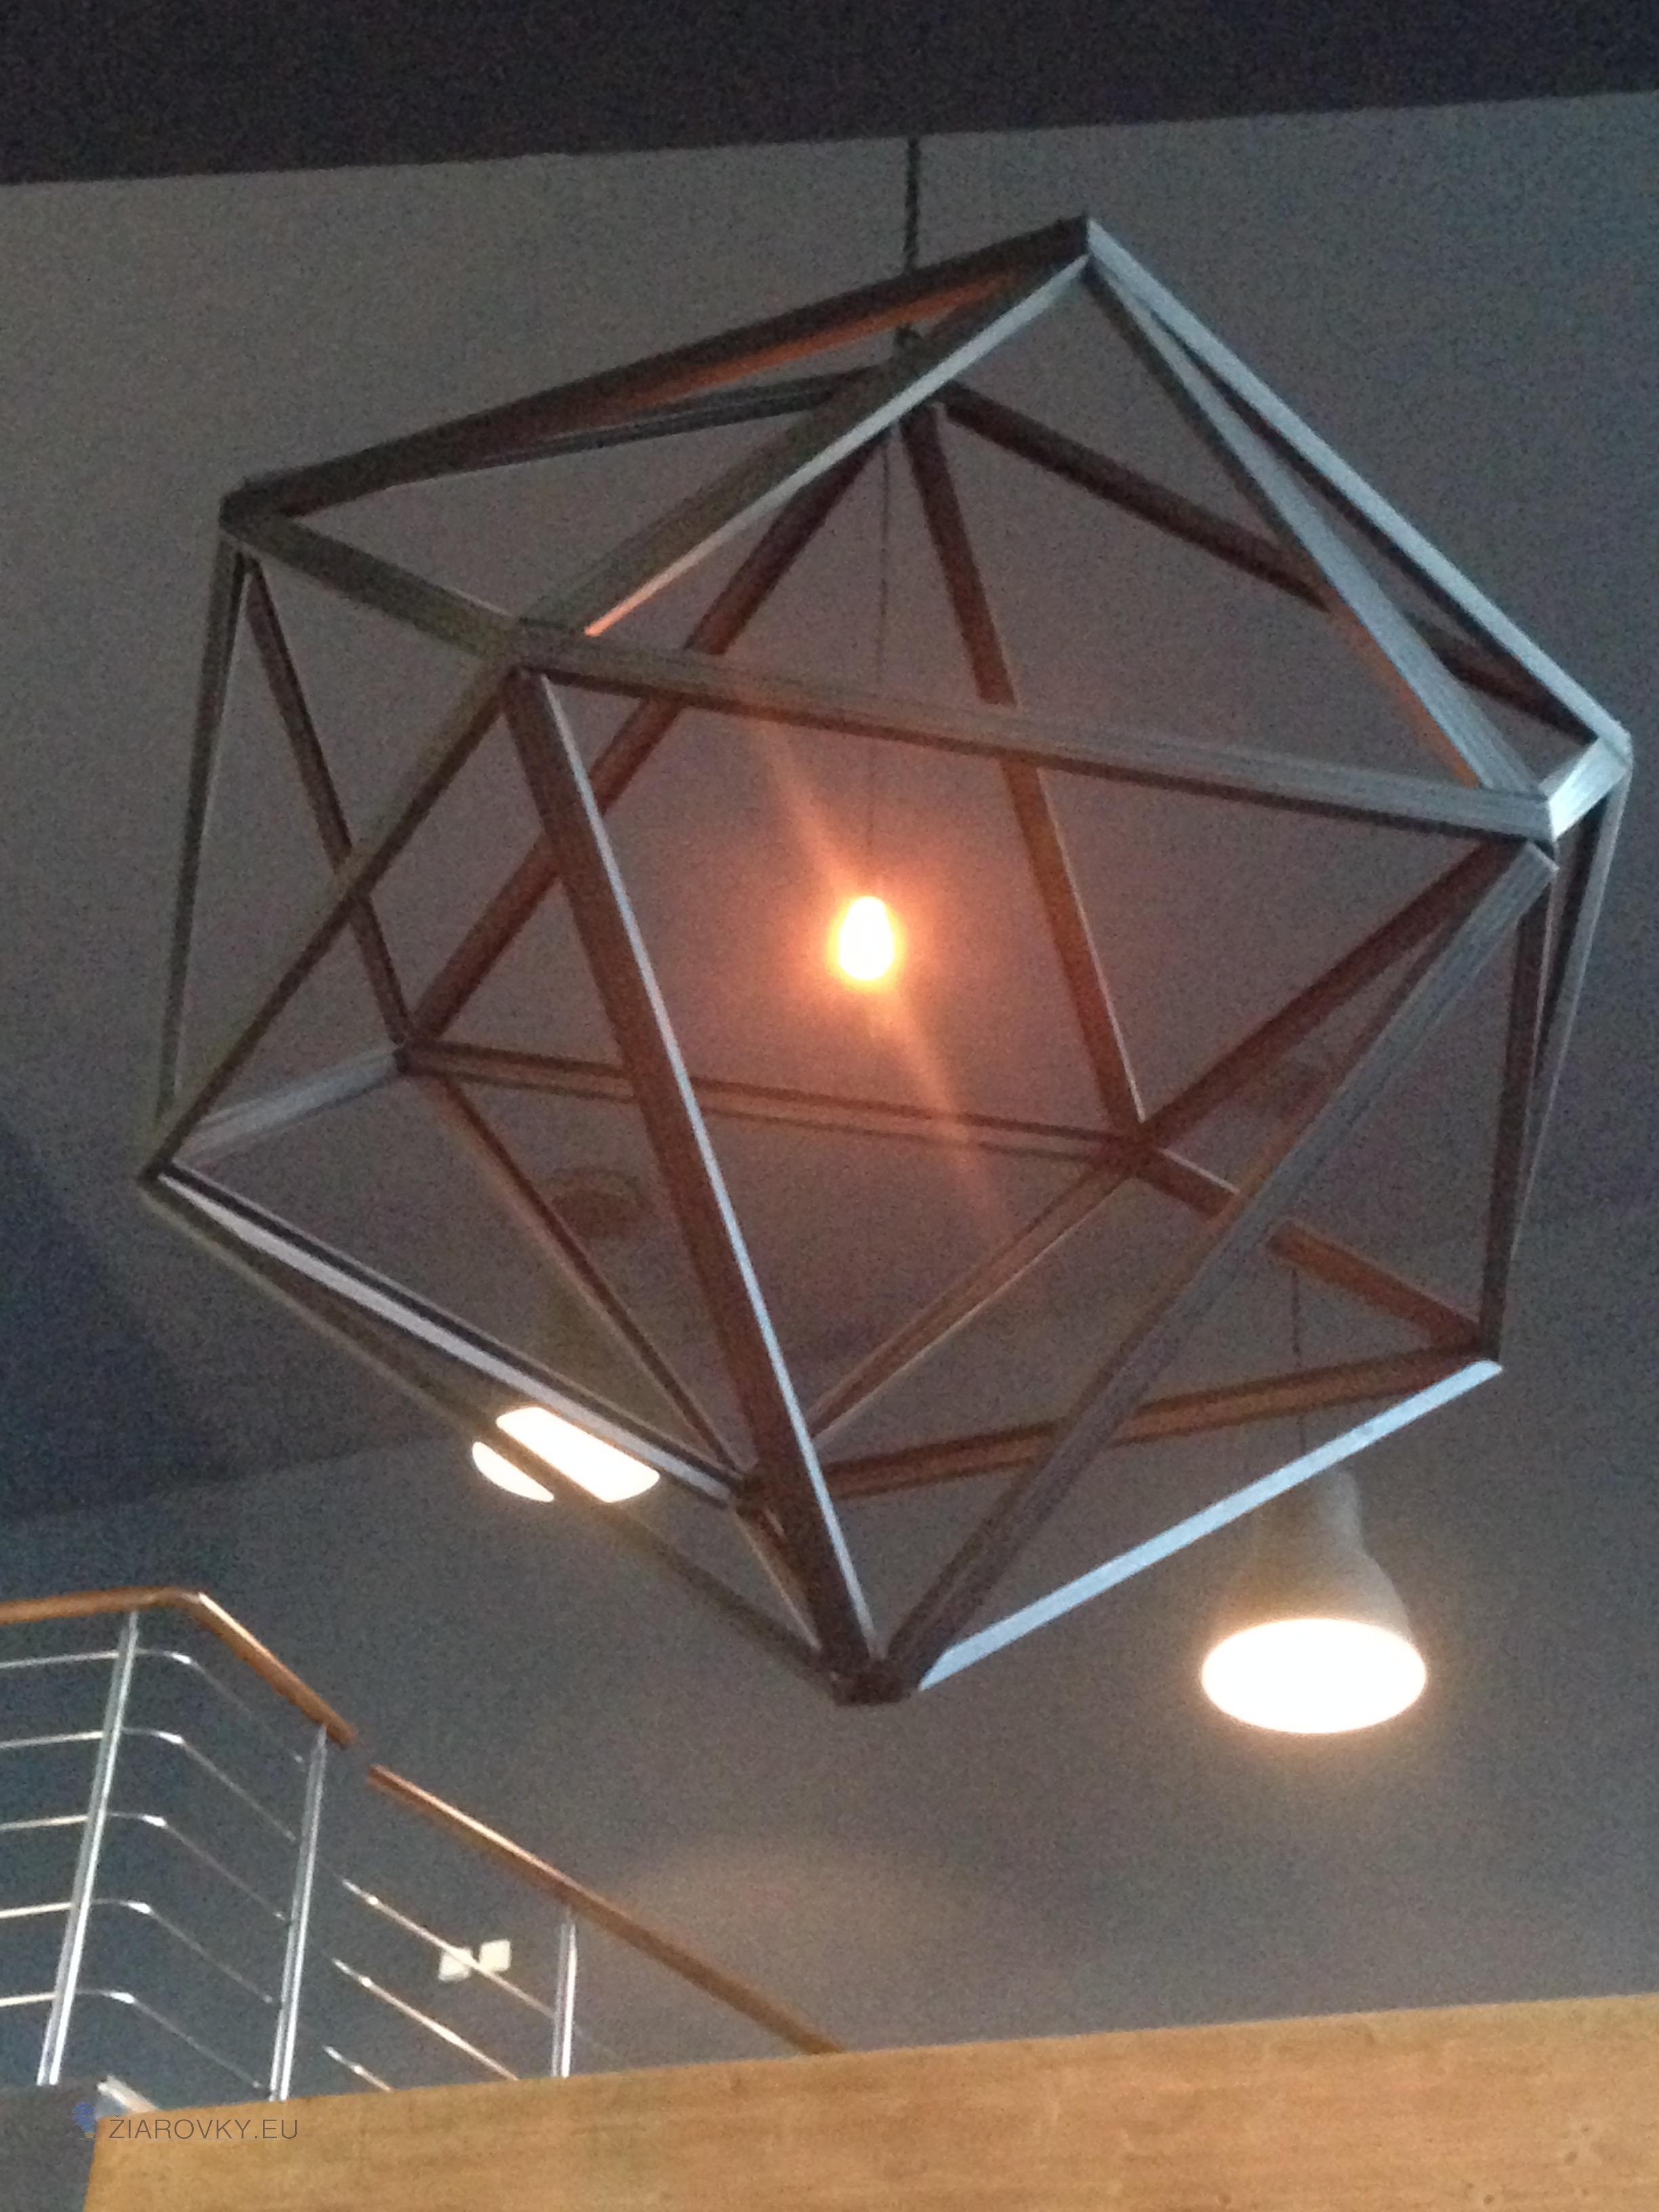 V našom online obchode v súčasnosti nájdete mnoho štýlov a modelov dekoračných žiaroviek Dekoračné žiarovky v kreatívnych svietidlách